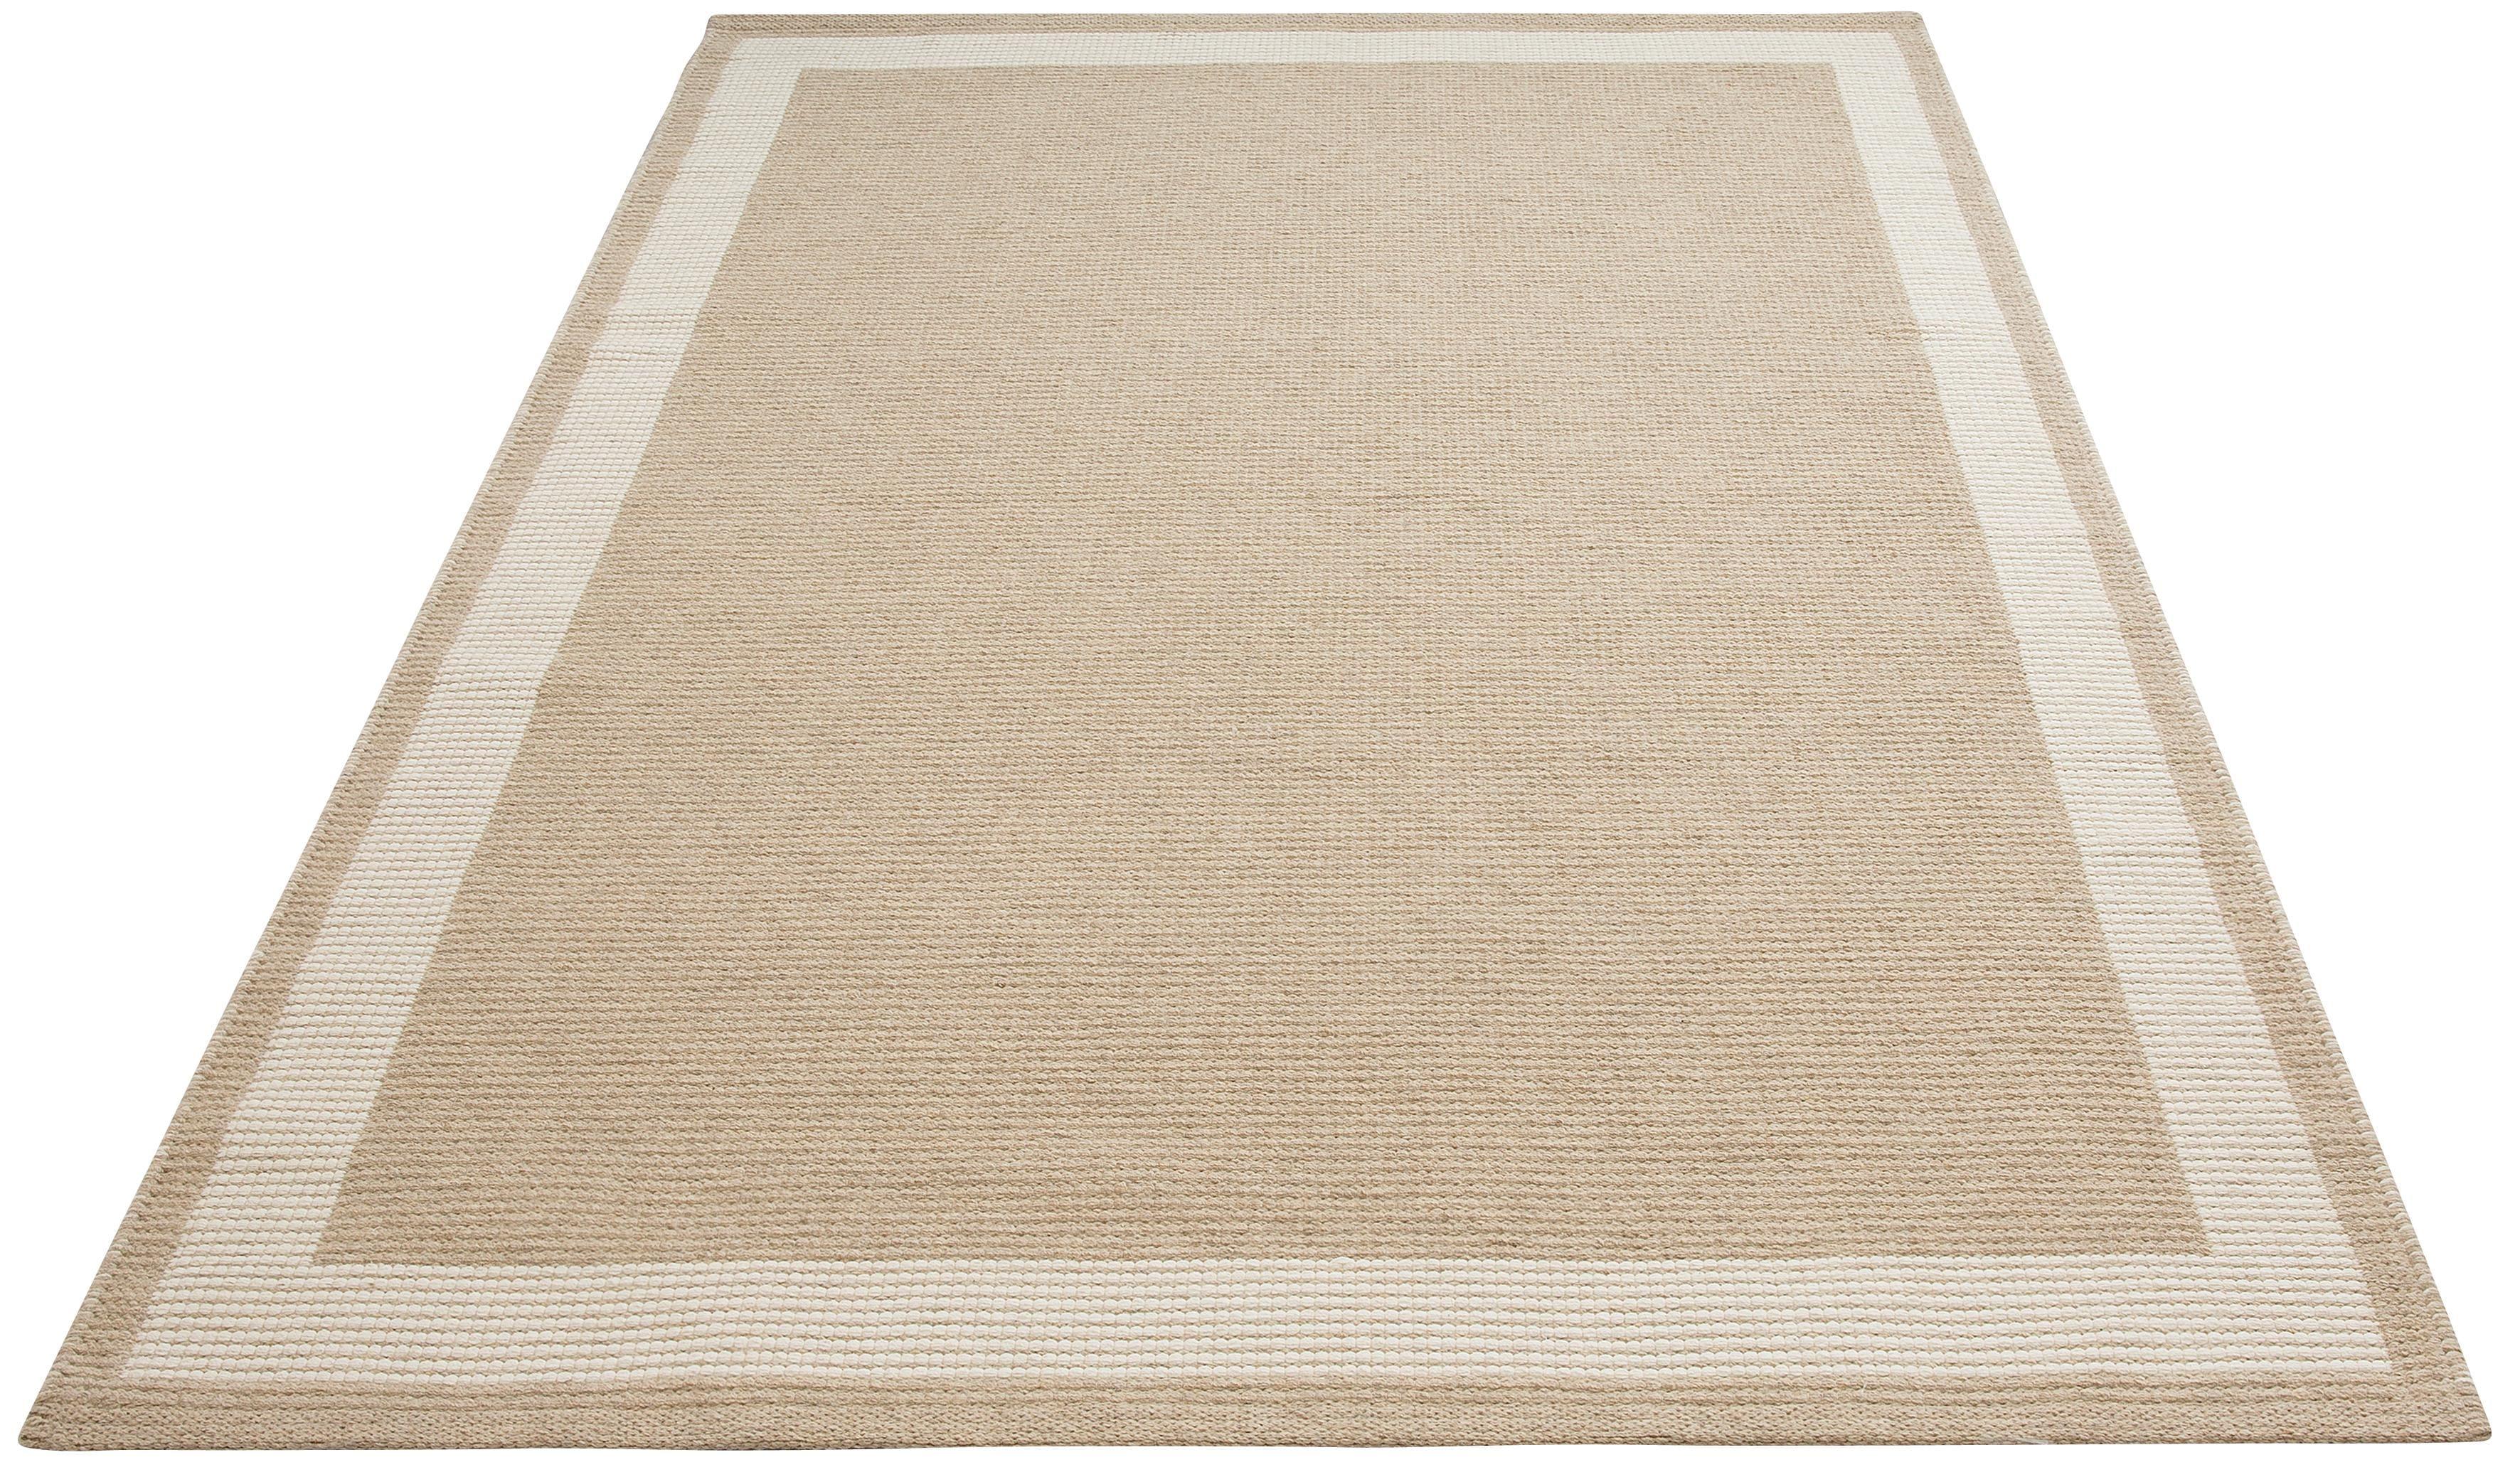 Teppich Taneja Home affaire rechteckig Höhe 10 mm maschinell gewebt